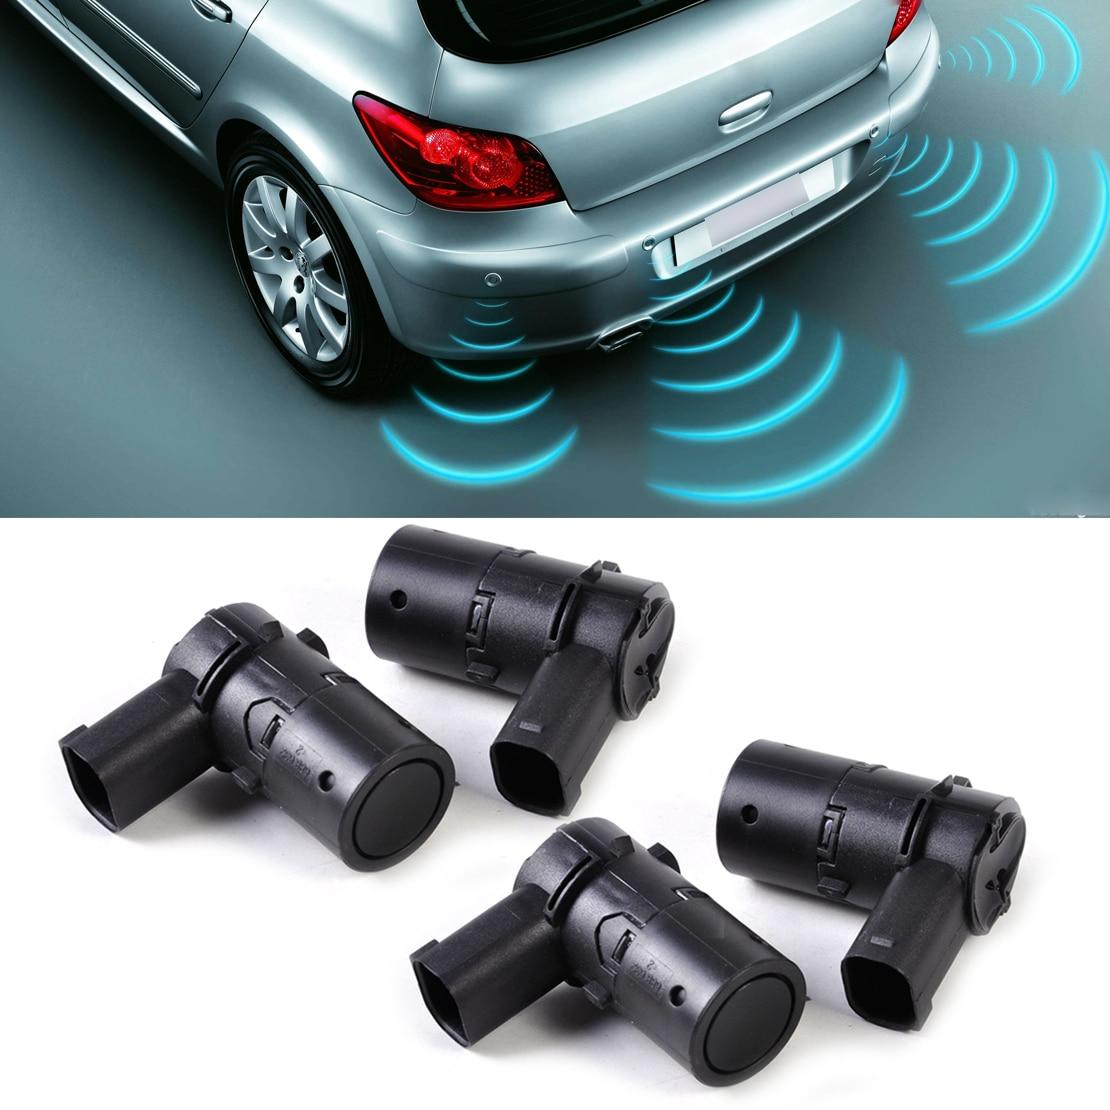 DWCX 30765108 30668100 30668099 4pcs PDC Parking Sensor Fit for Volvo S80 S60 V70 XC70 C70